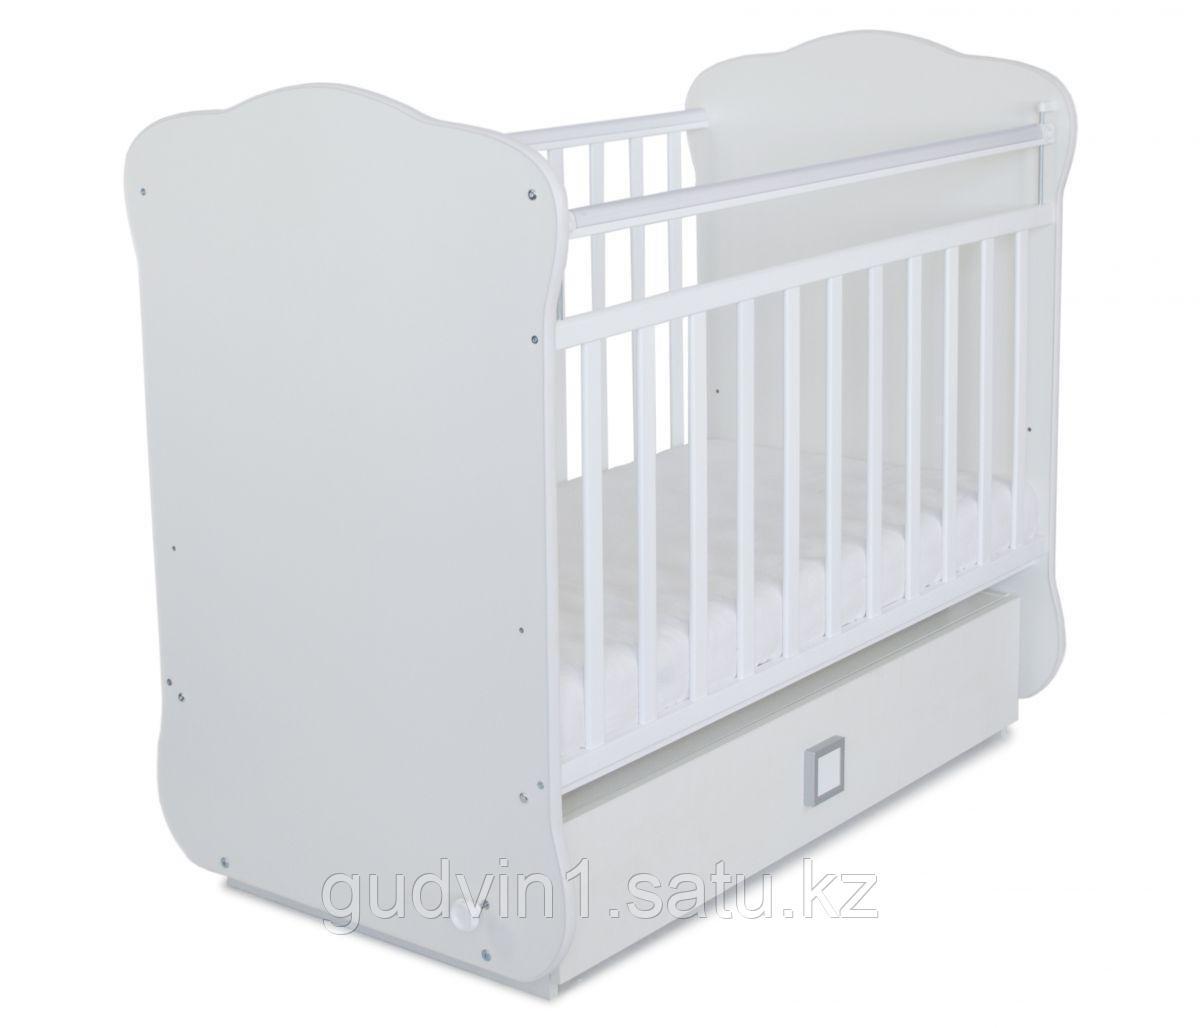 Детская кроватка с поперечным маятником и ящиком СКВ-4(цвет белый) 410001